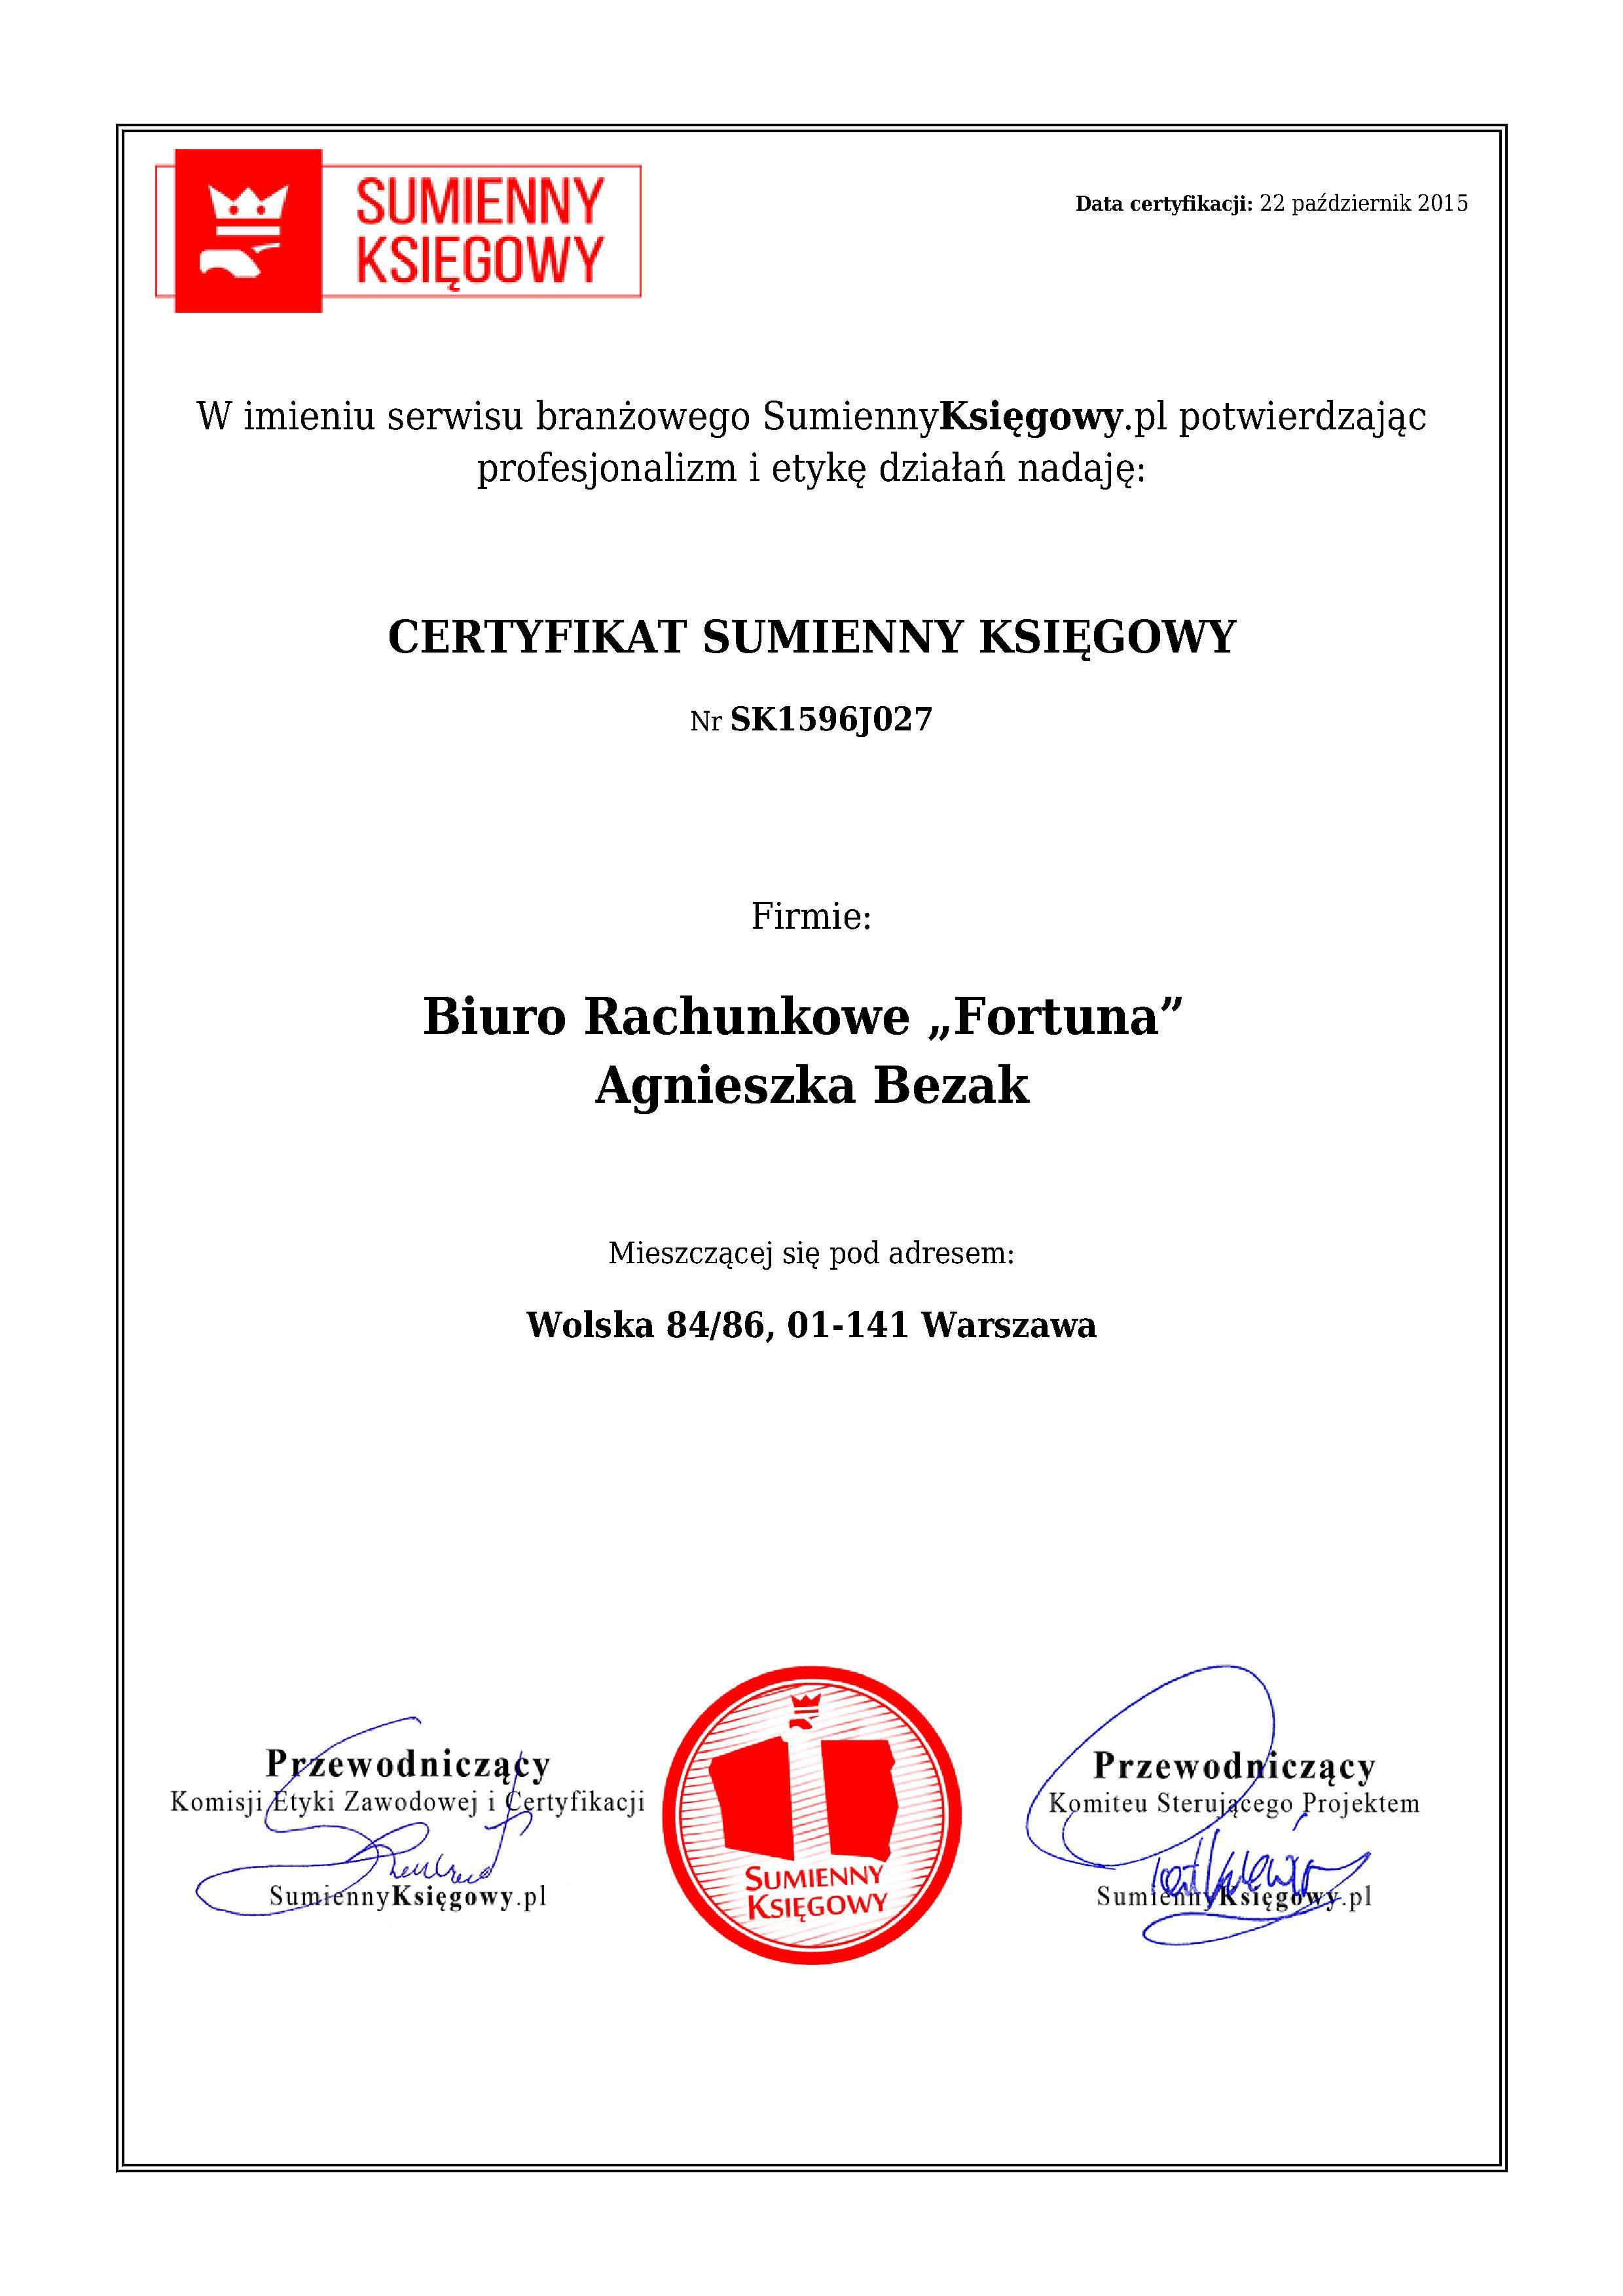 """Certyfikat Biuro Rachunkowe """"Fortuna""""Agnieszka Bezak"""